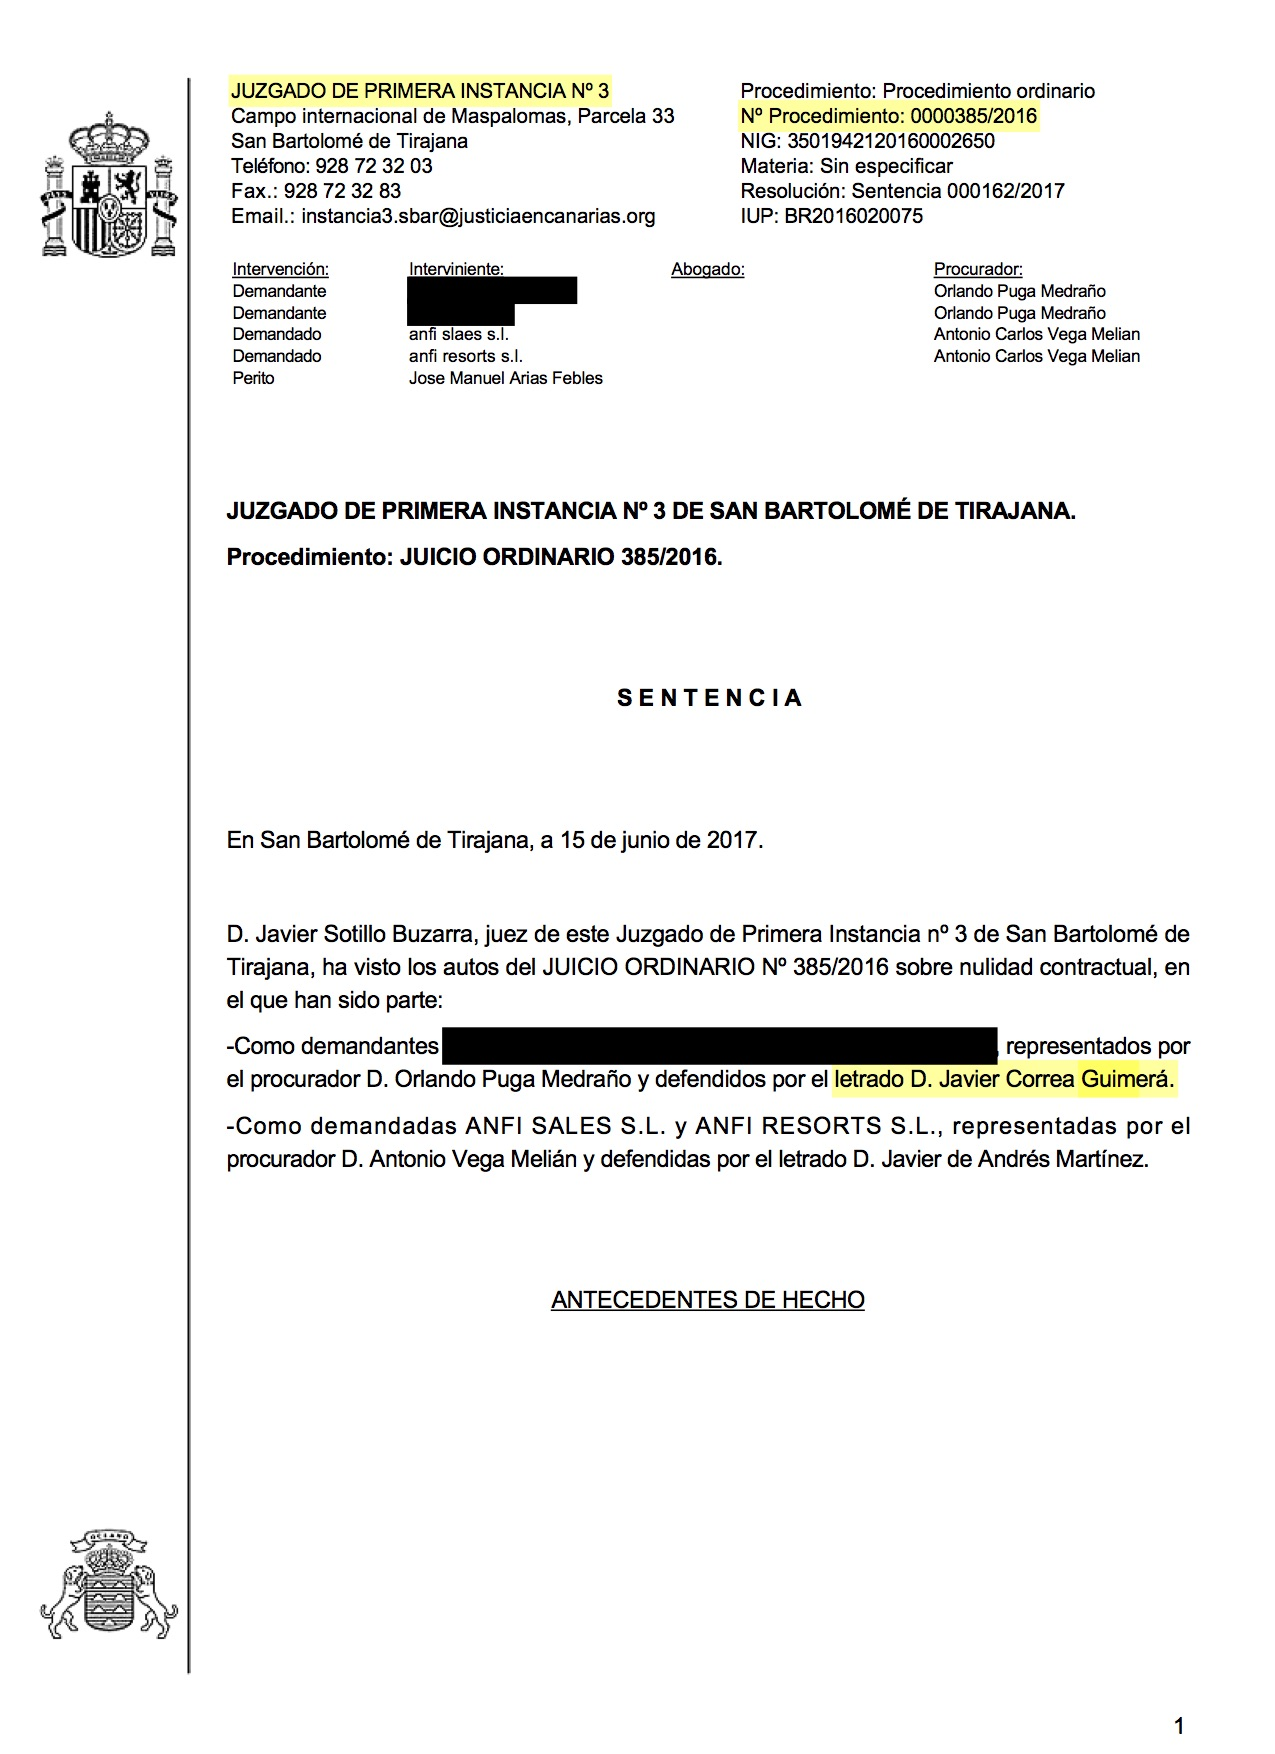 17-06-22 Lindseth. Sentencia de Primera Instancia. SBT3. Declara Nulidad y Concede Anticipos sin costas. Estimatoria parcial 1 - Publicada 18-04-2018..jpg